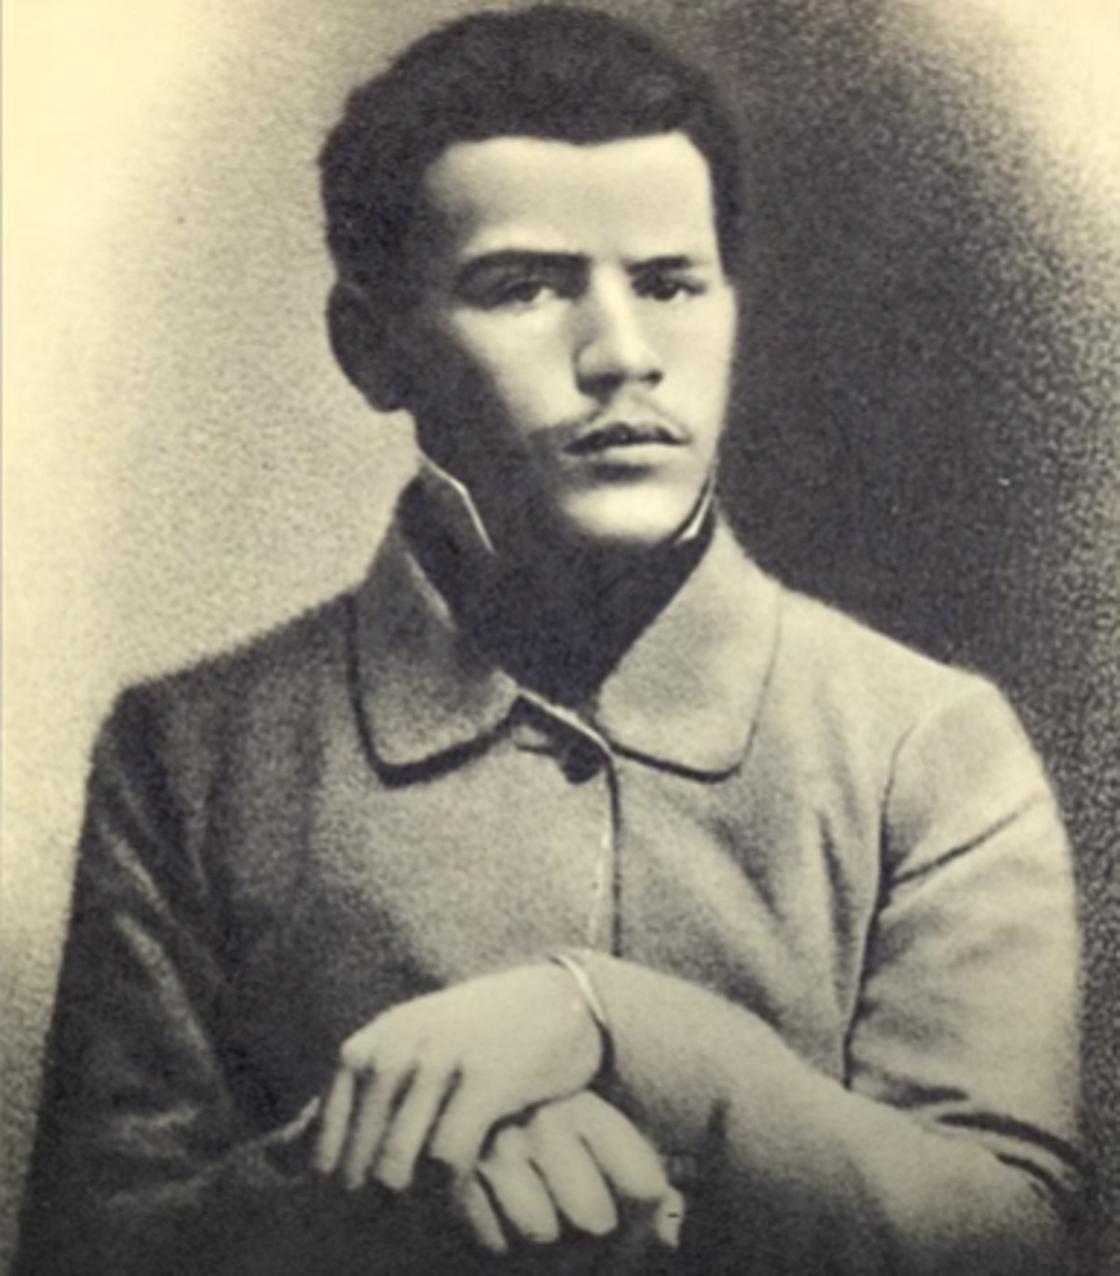 Лев Толстой: биография писателя, жизнь, творчество